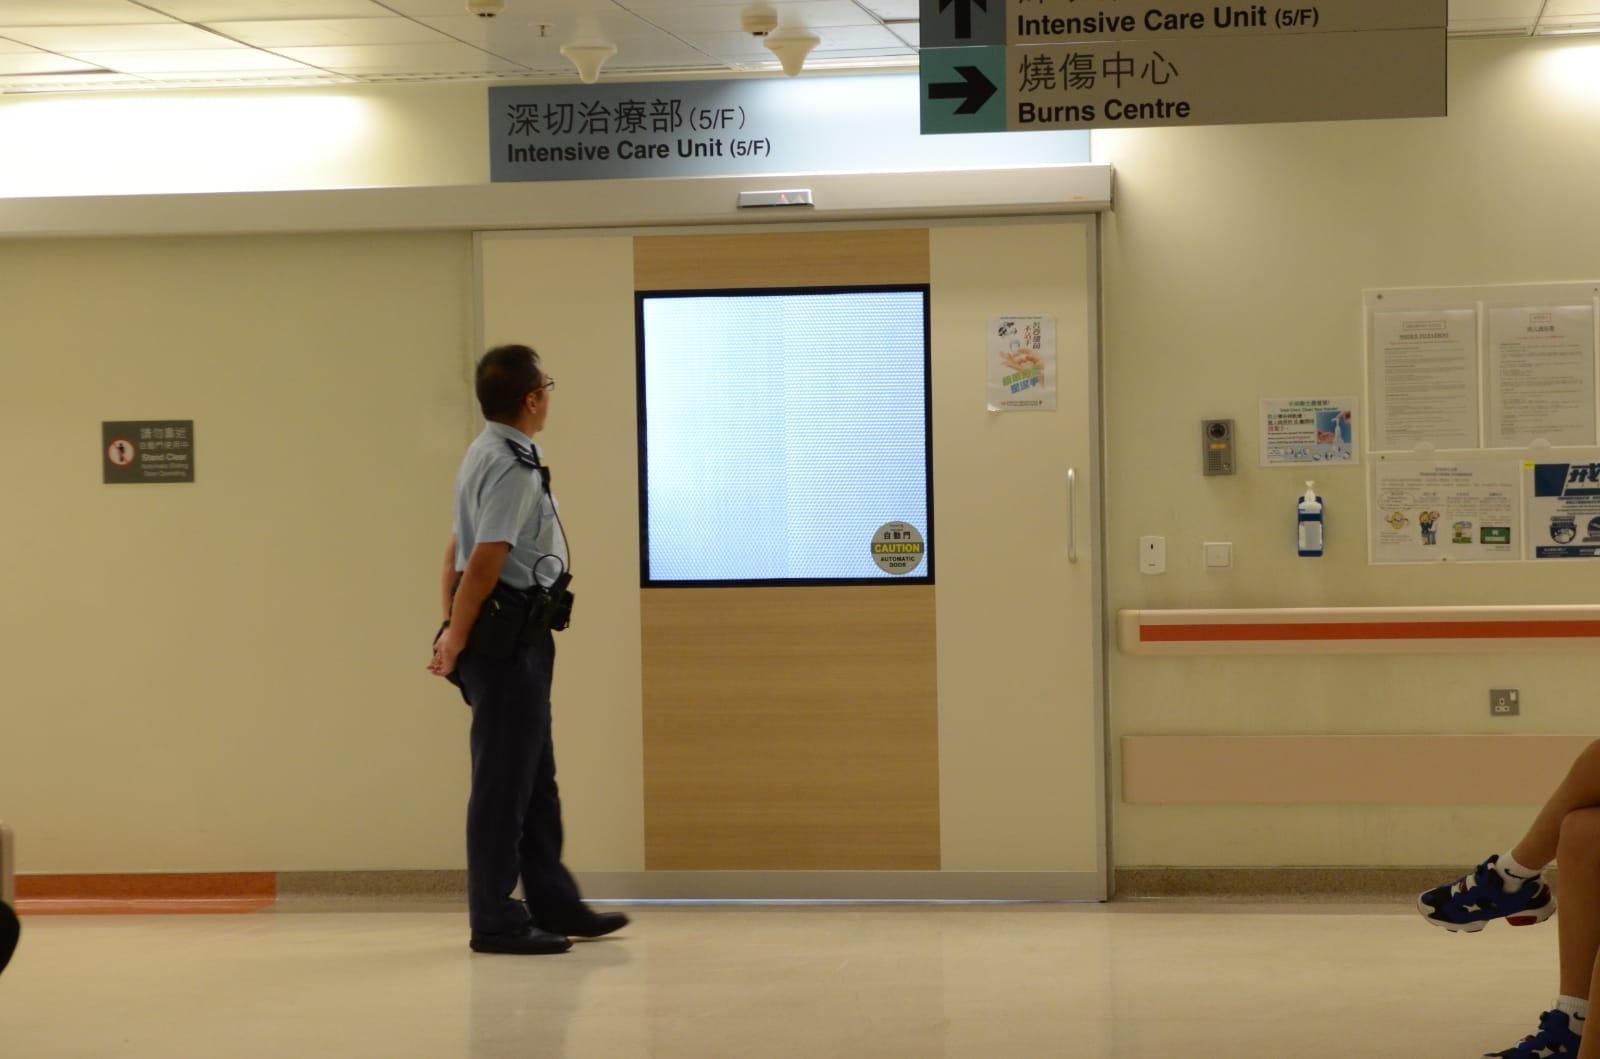 青年目前留醫威院深切治療部,有警員在場駐守。